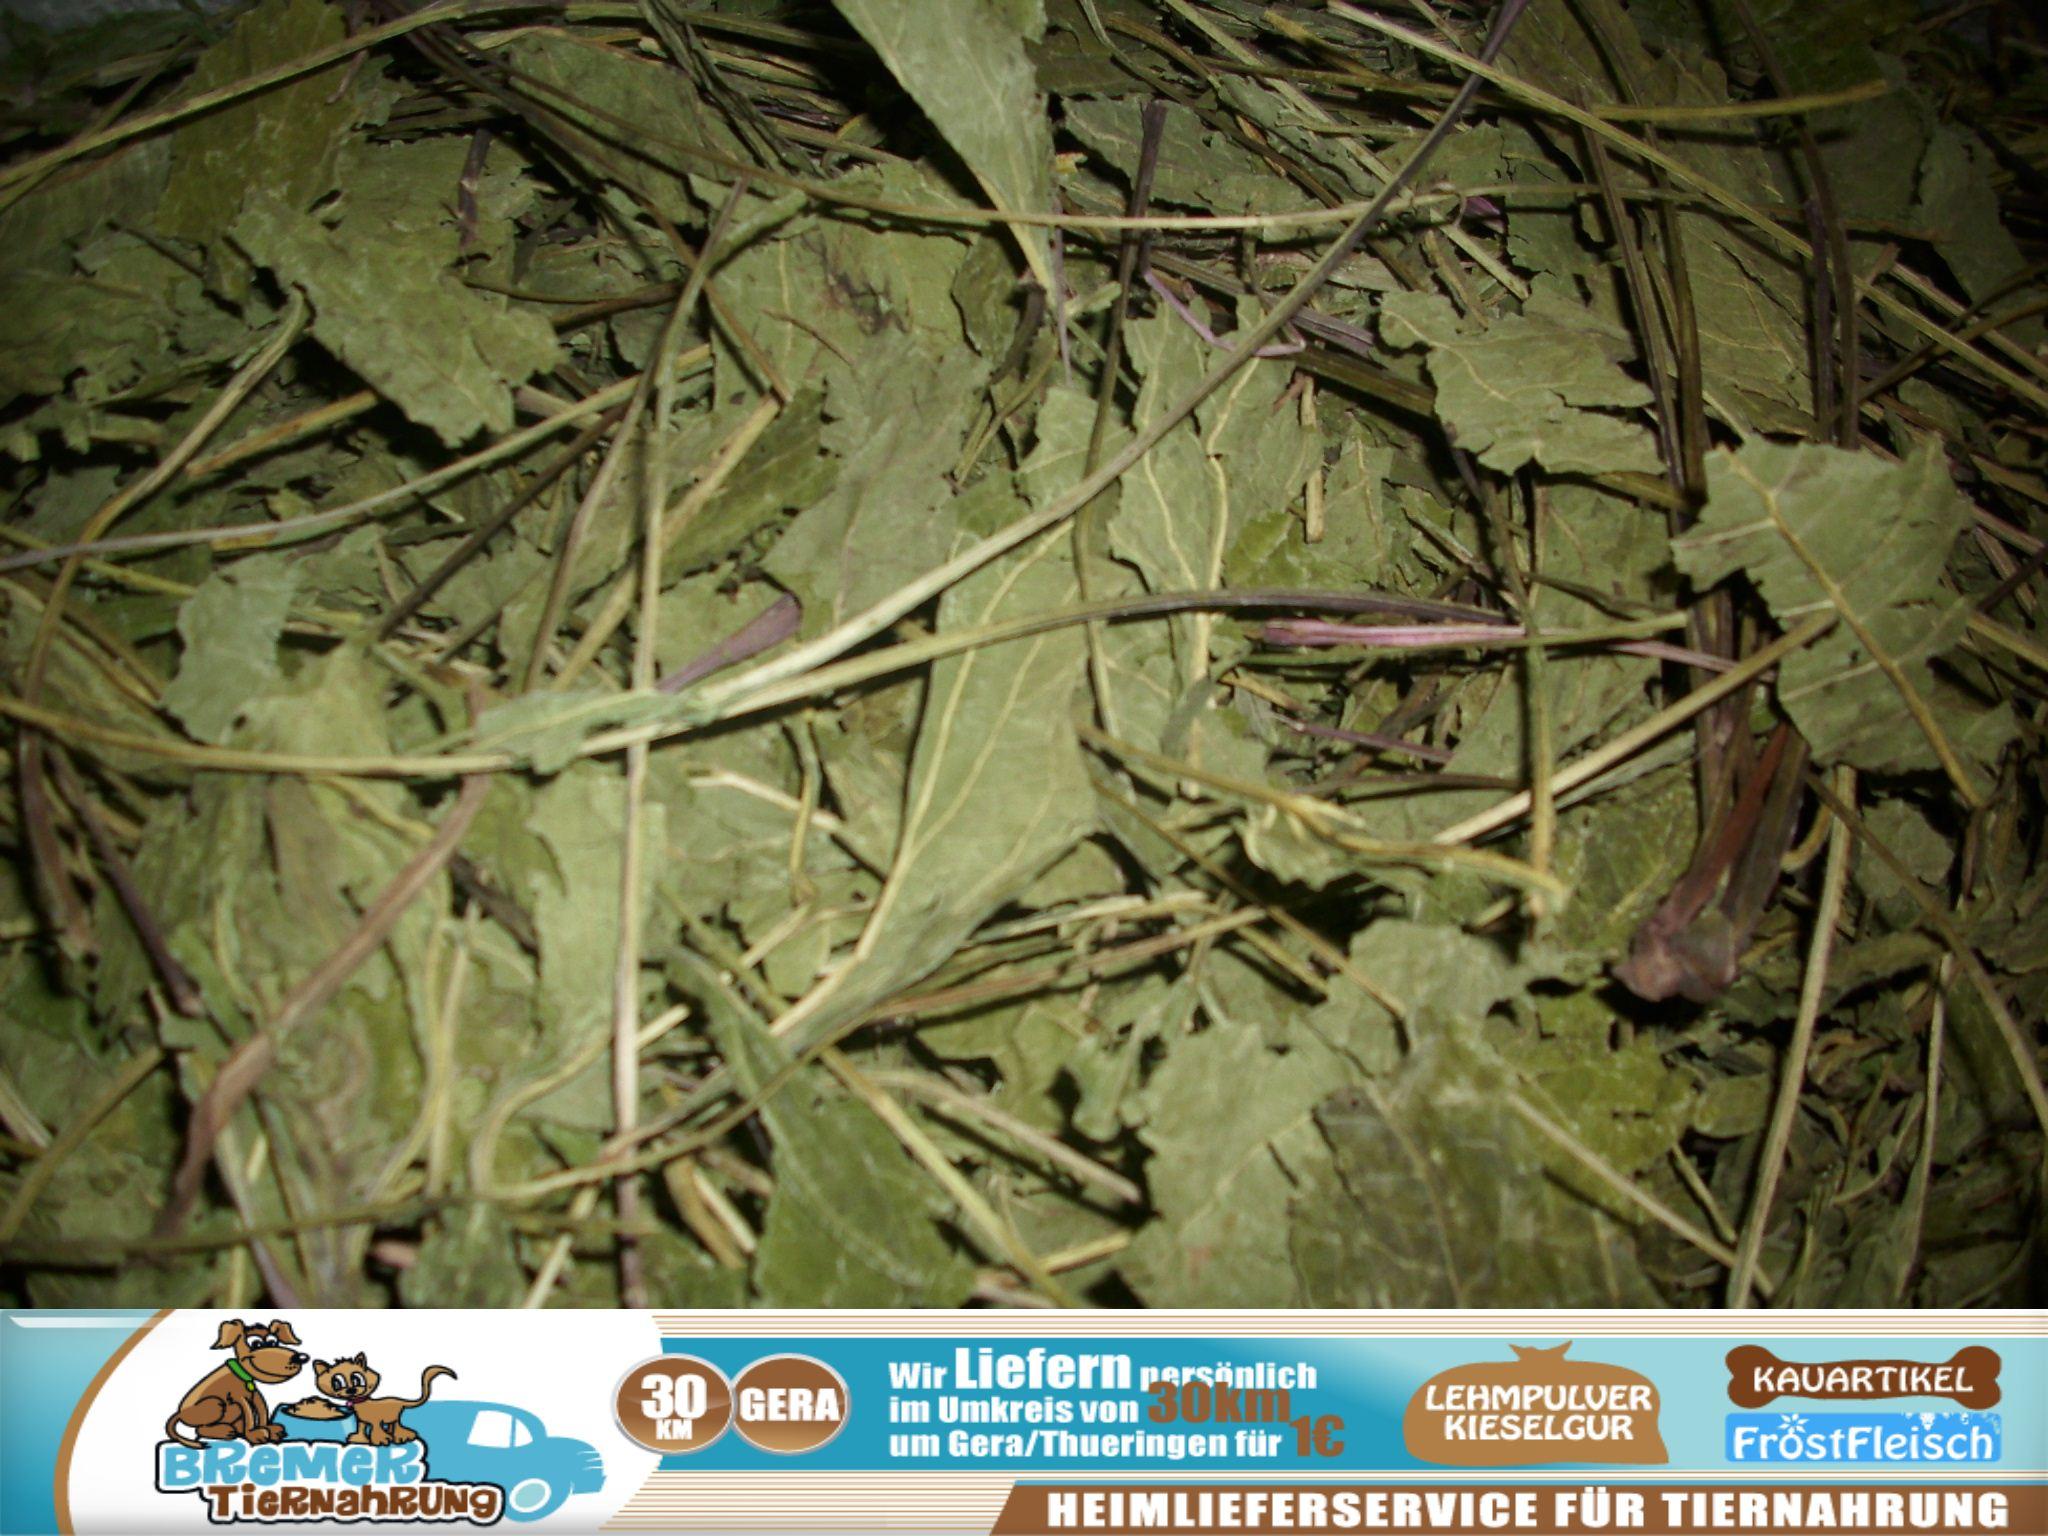 tierfutterladen gera 1kg sonnenhut echinacea bl tter gegen bronchitis erk ltung und husten. Black Bedroom Furniture Sets. Home Design Ideas